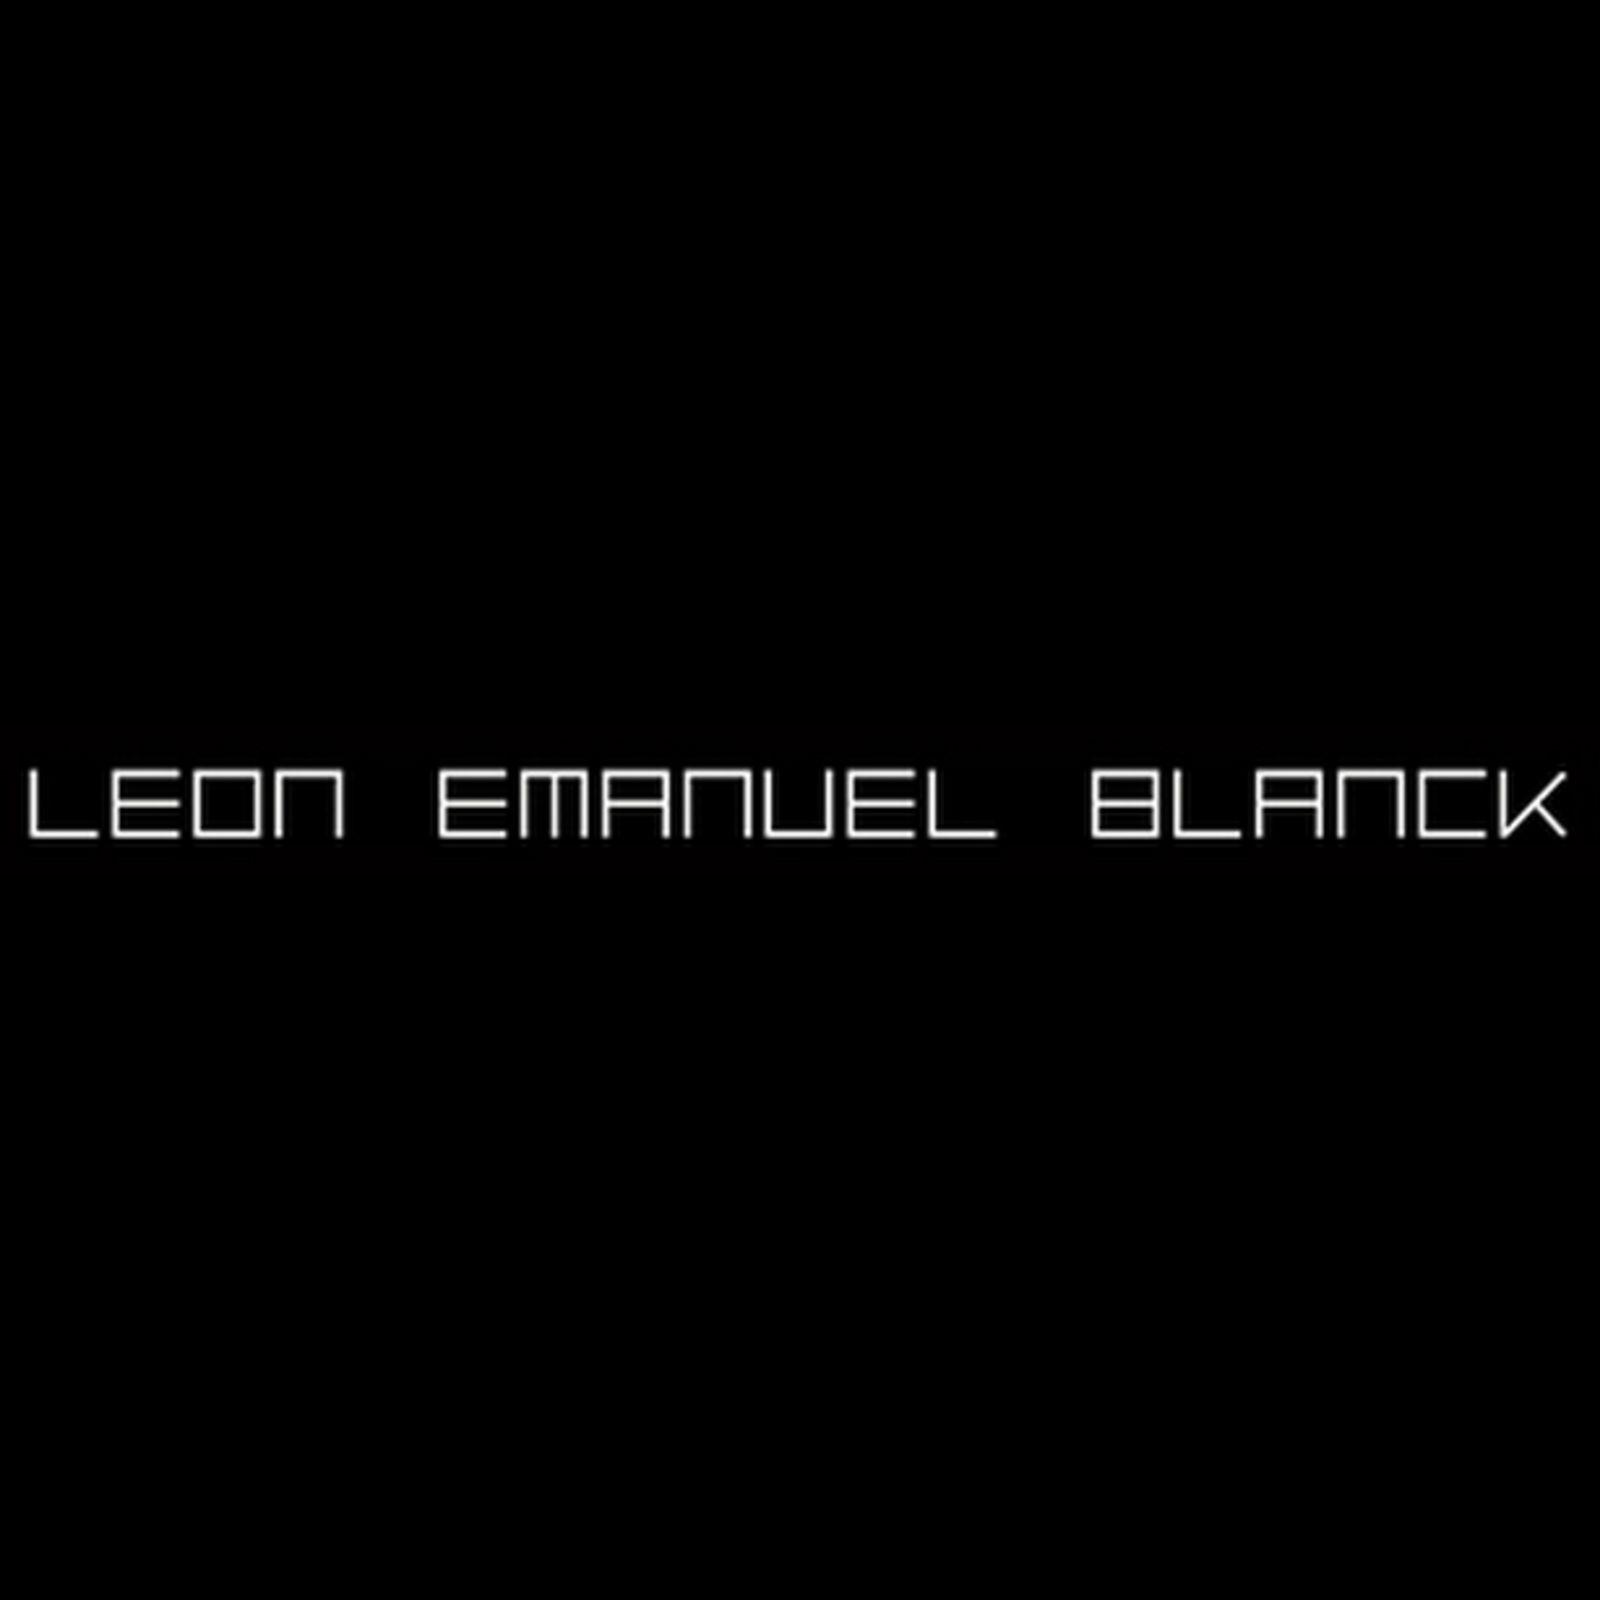 Leon Emanuel Blanck